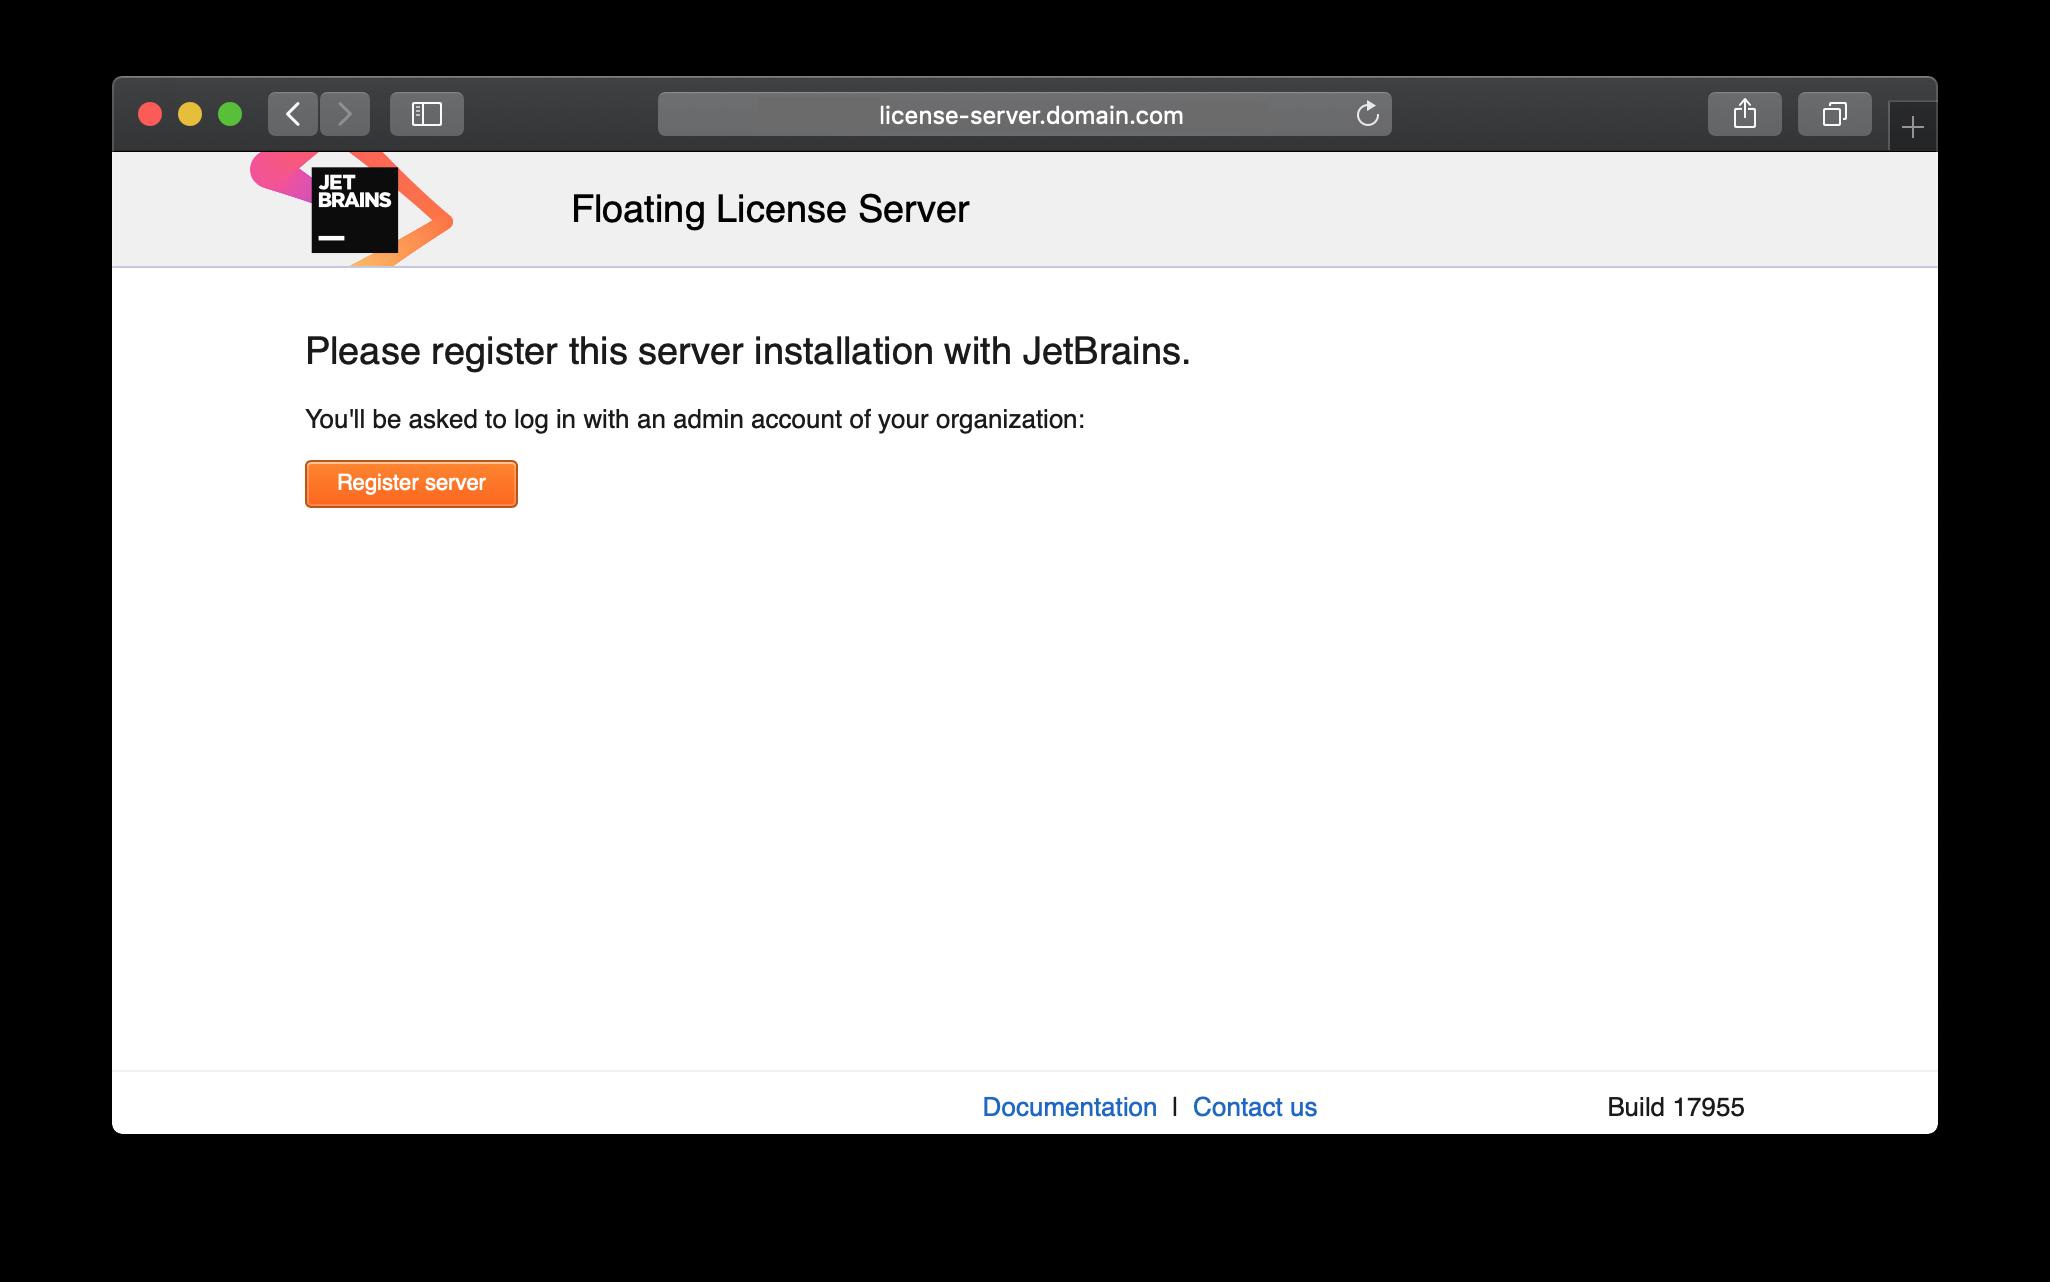 Registering FLS - Help | Floating License Server